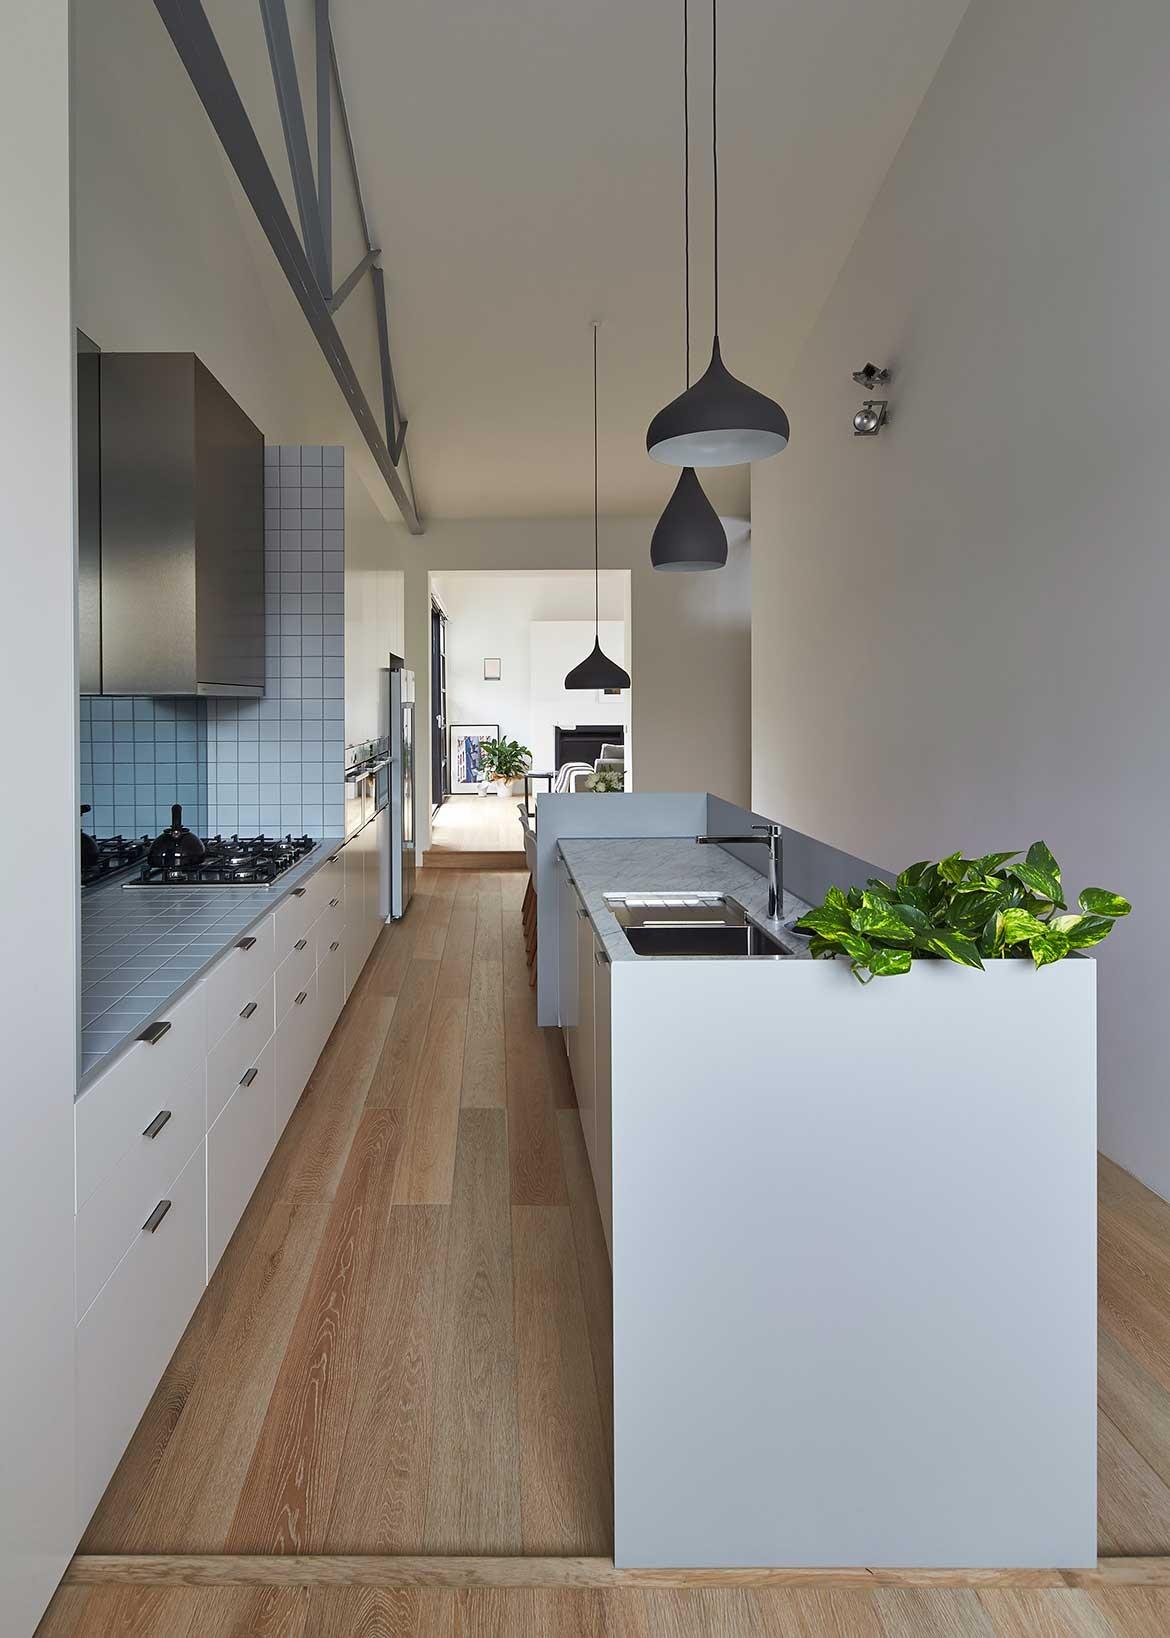 Sonelo Design Theresa St Residence kitchen V3